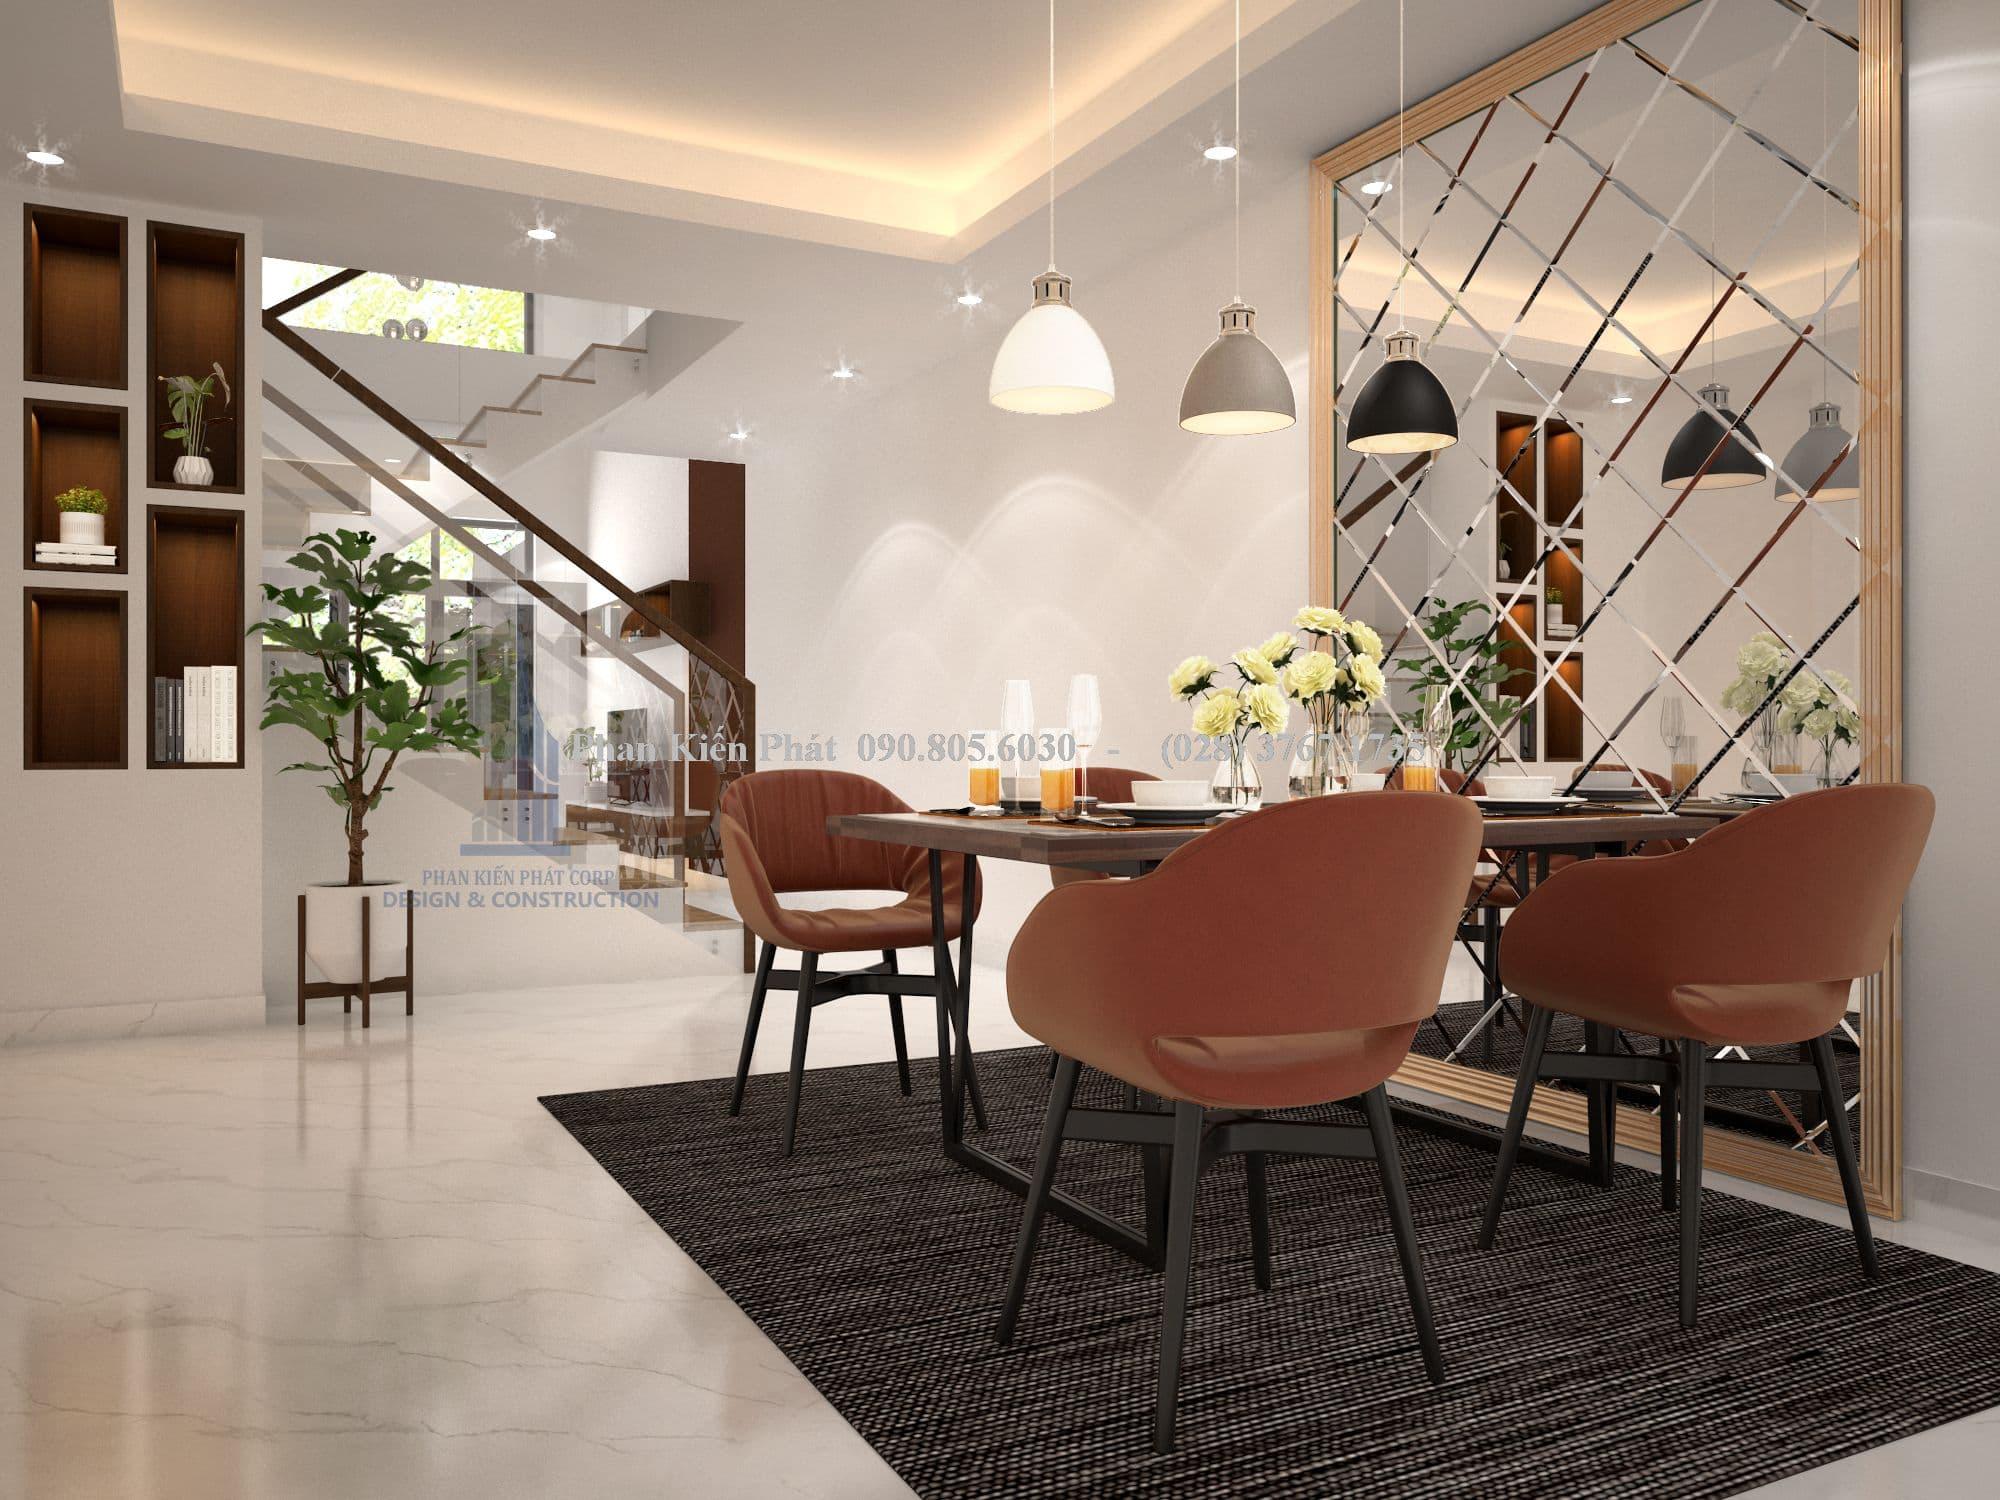 Phòng ăn nhà phố hiện đại 1 trệt 3 lầu